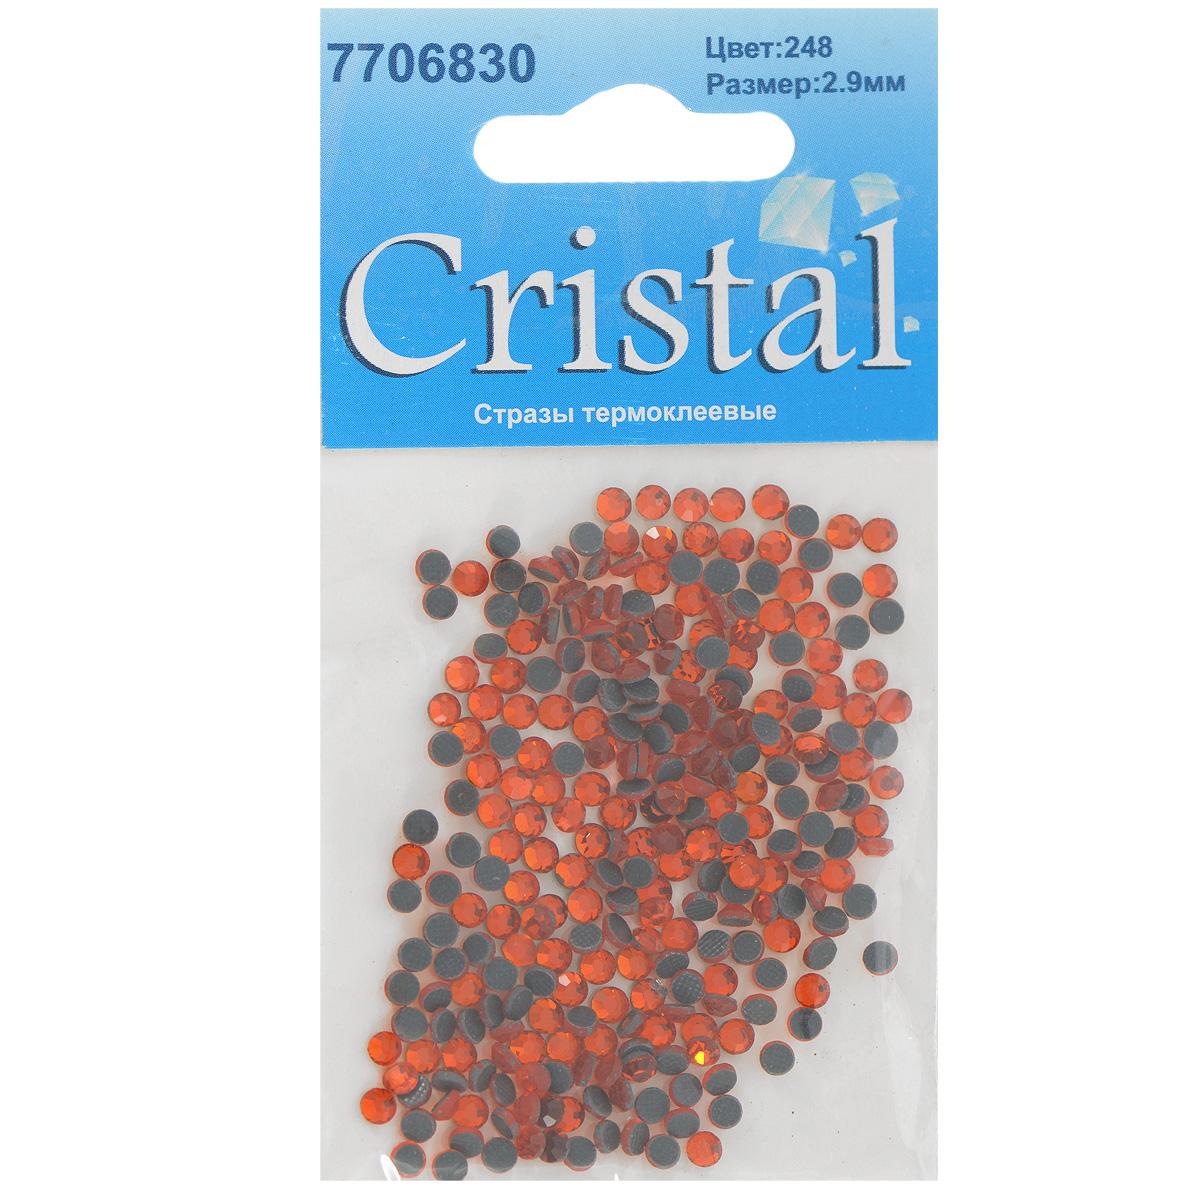 Стразы термоклеевые Cristal, цвет: гранатовый (248), диаметр 2,9 мм, 288 шт19201Набор термоклеевых страз Cristal, изготовленный из высококачественного акрила, позволит вам украсить одежду, аксессуары или текстиль. Яркие стразы имеют плоское дно и круглую поверхность с гранями.Дно термоклеевых страз уже обработано особым клеем, который под воздействием высоких температур начинает плавиться, приклеиваясь, таким образом, к требуемой поверхности. Чаще всего их используют в текстильной промышленности: стразы прикладывают к ткани и проглаживают утюгом с обратной стороны. Также можно использовать специальный паяльник. Украшение стразами поможет сделать любую вещь оригинальной и неповторимой. Диаметр страз: 2,9 мм.